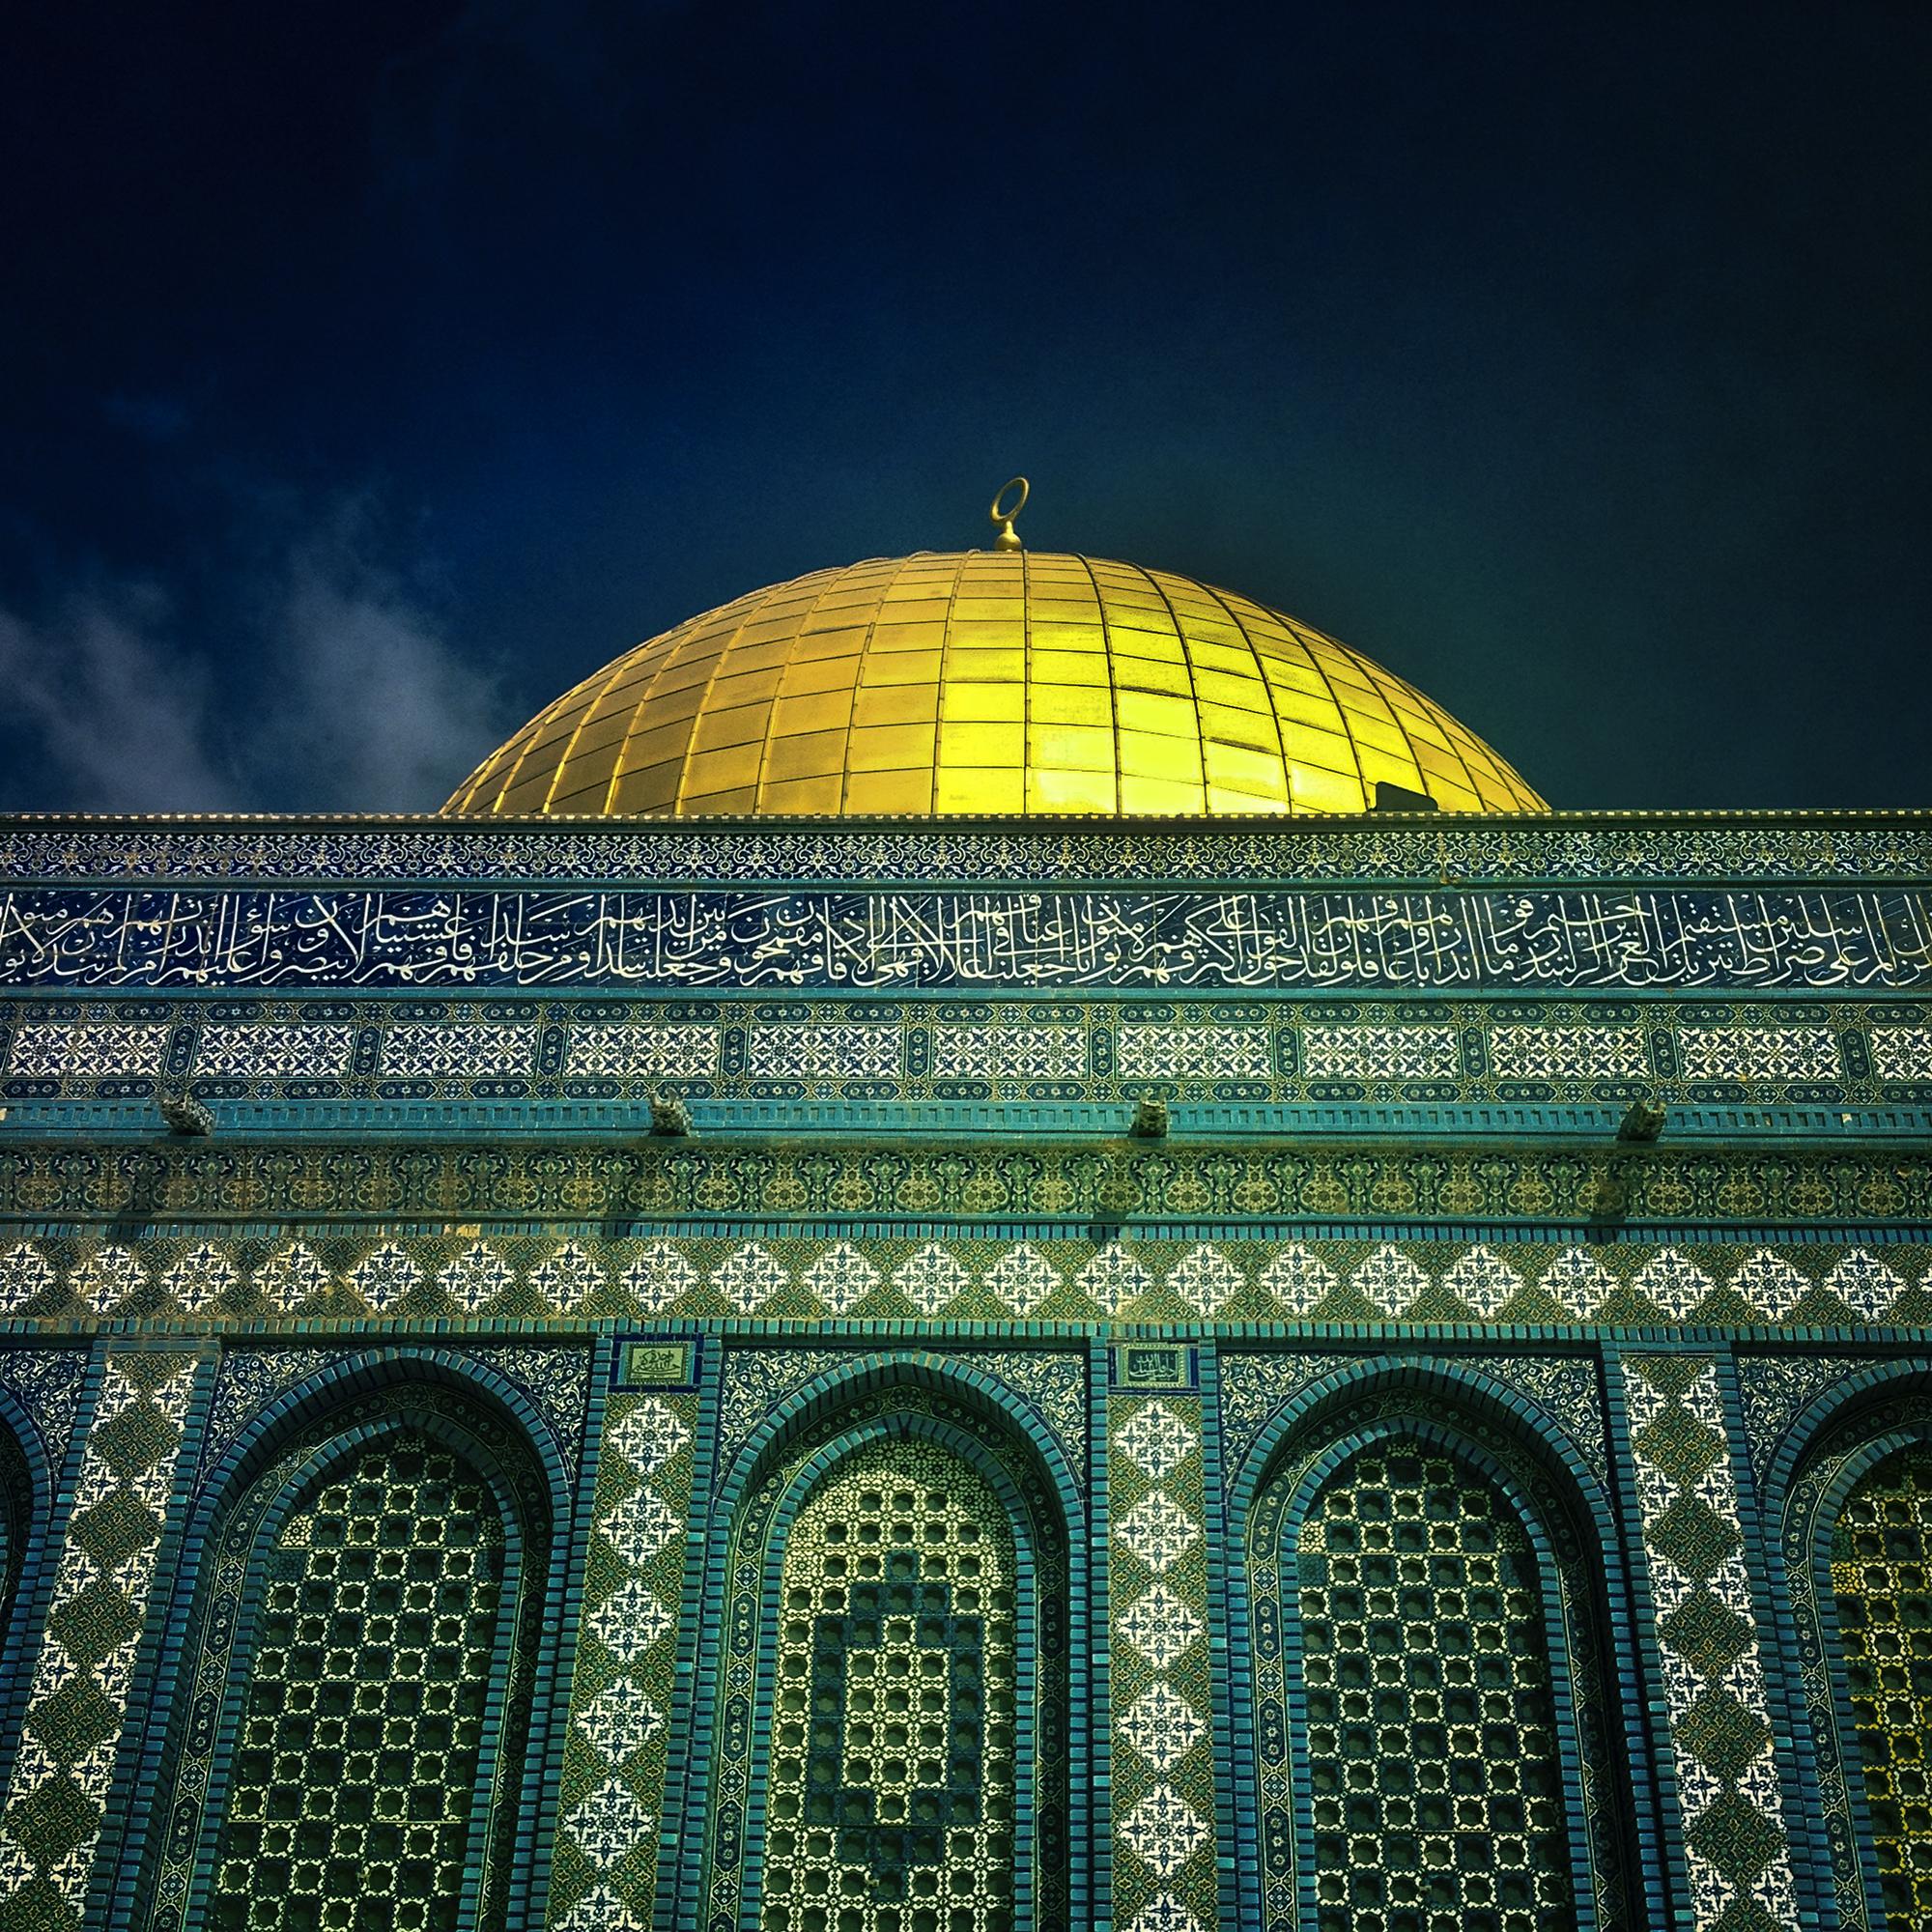 Dome of the Rock, Jerusalem, 2013